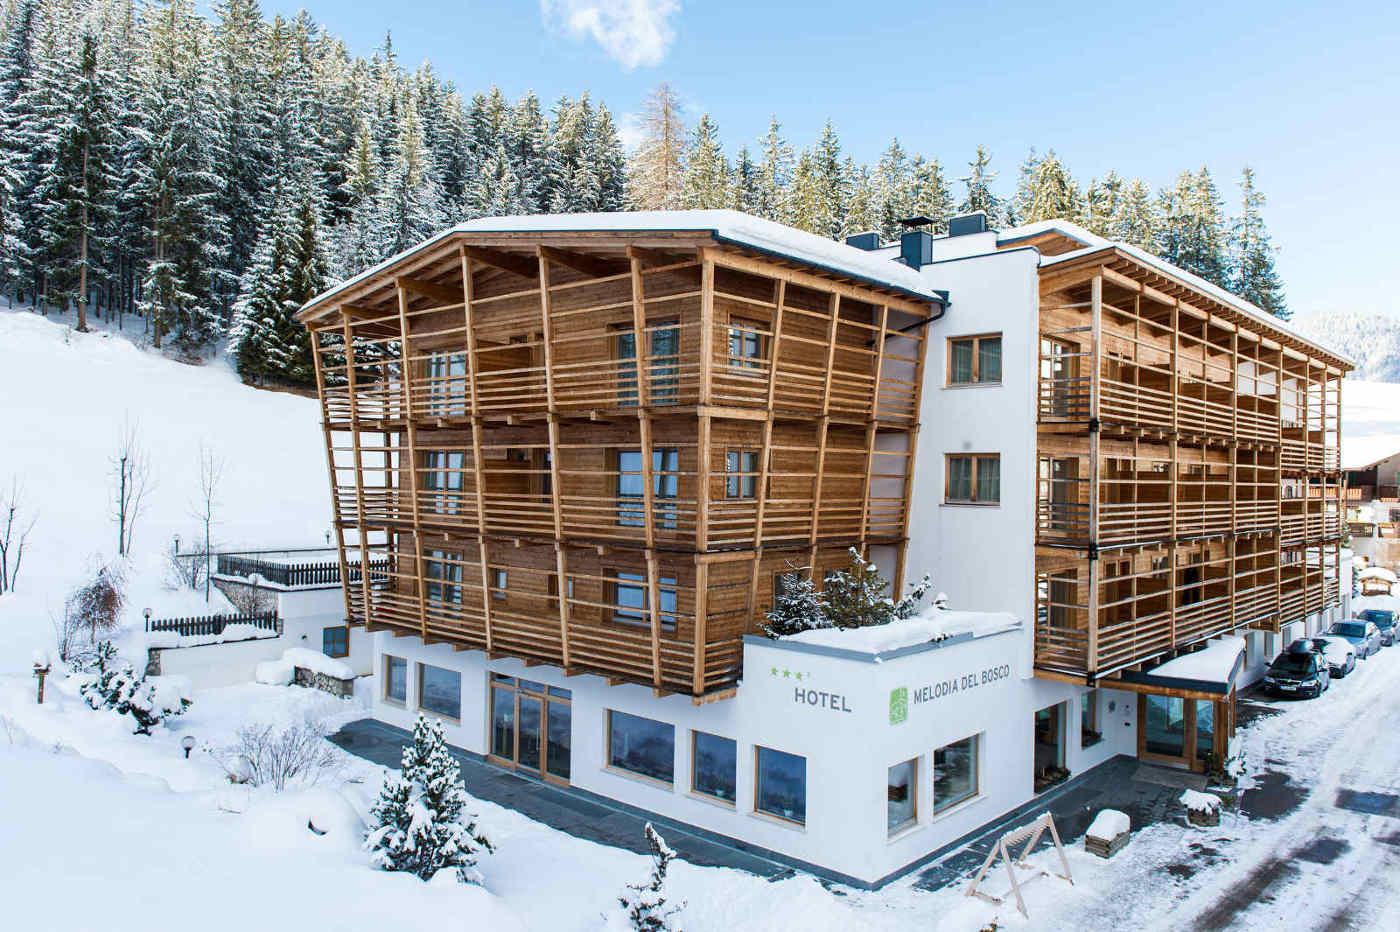 Hotel Melodia del Bosco im Schnee